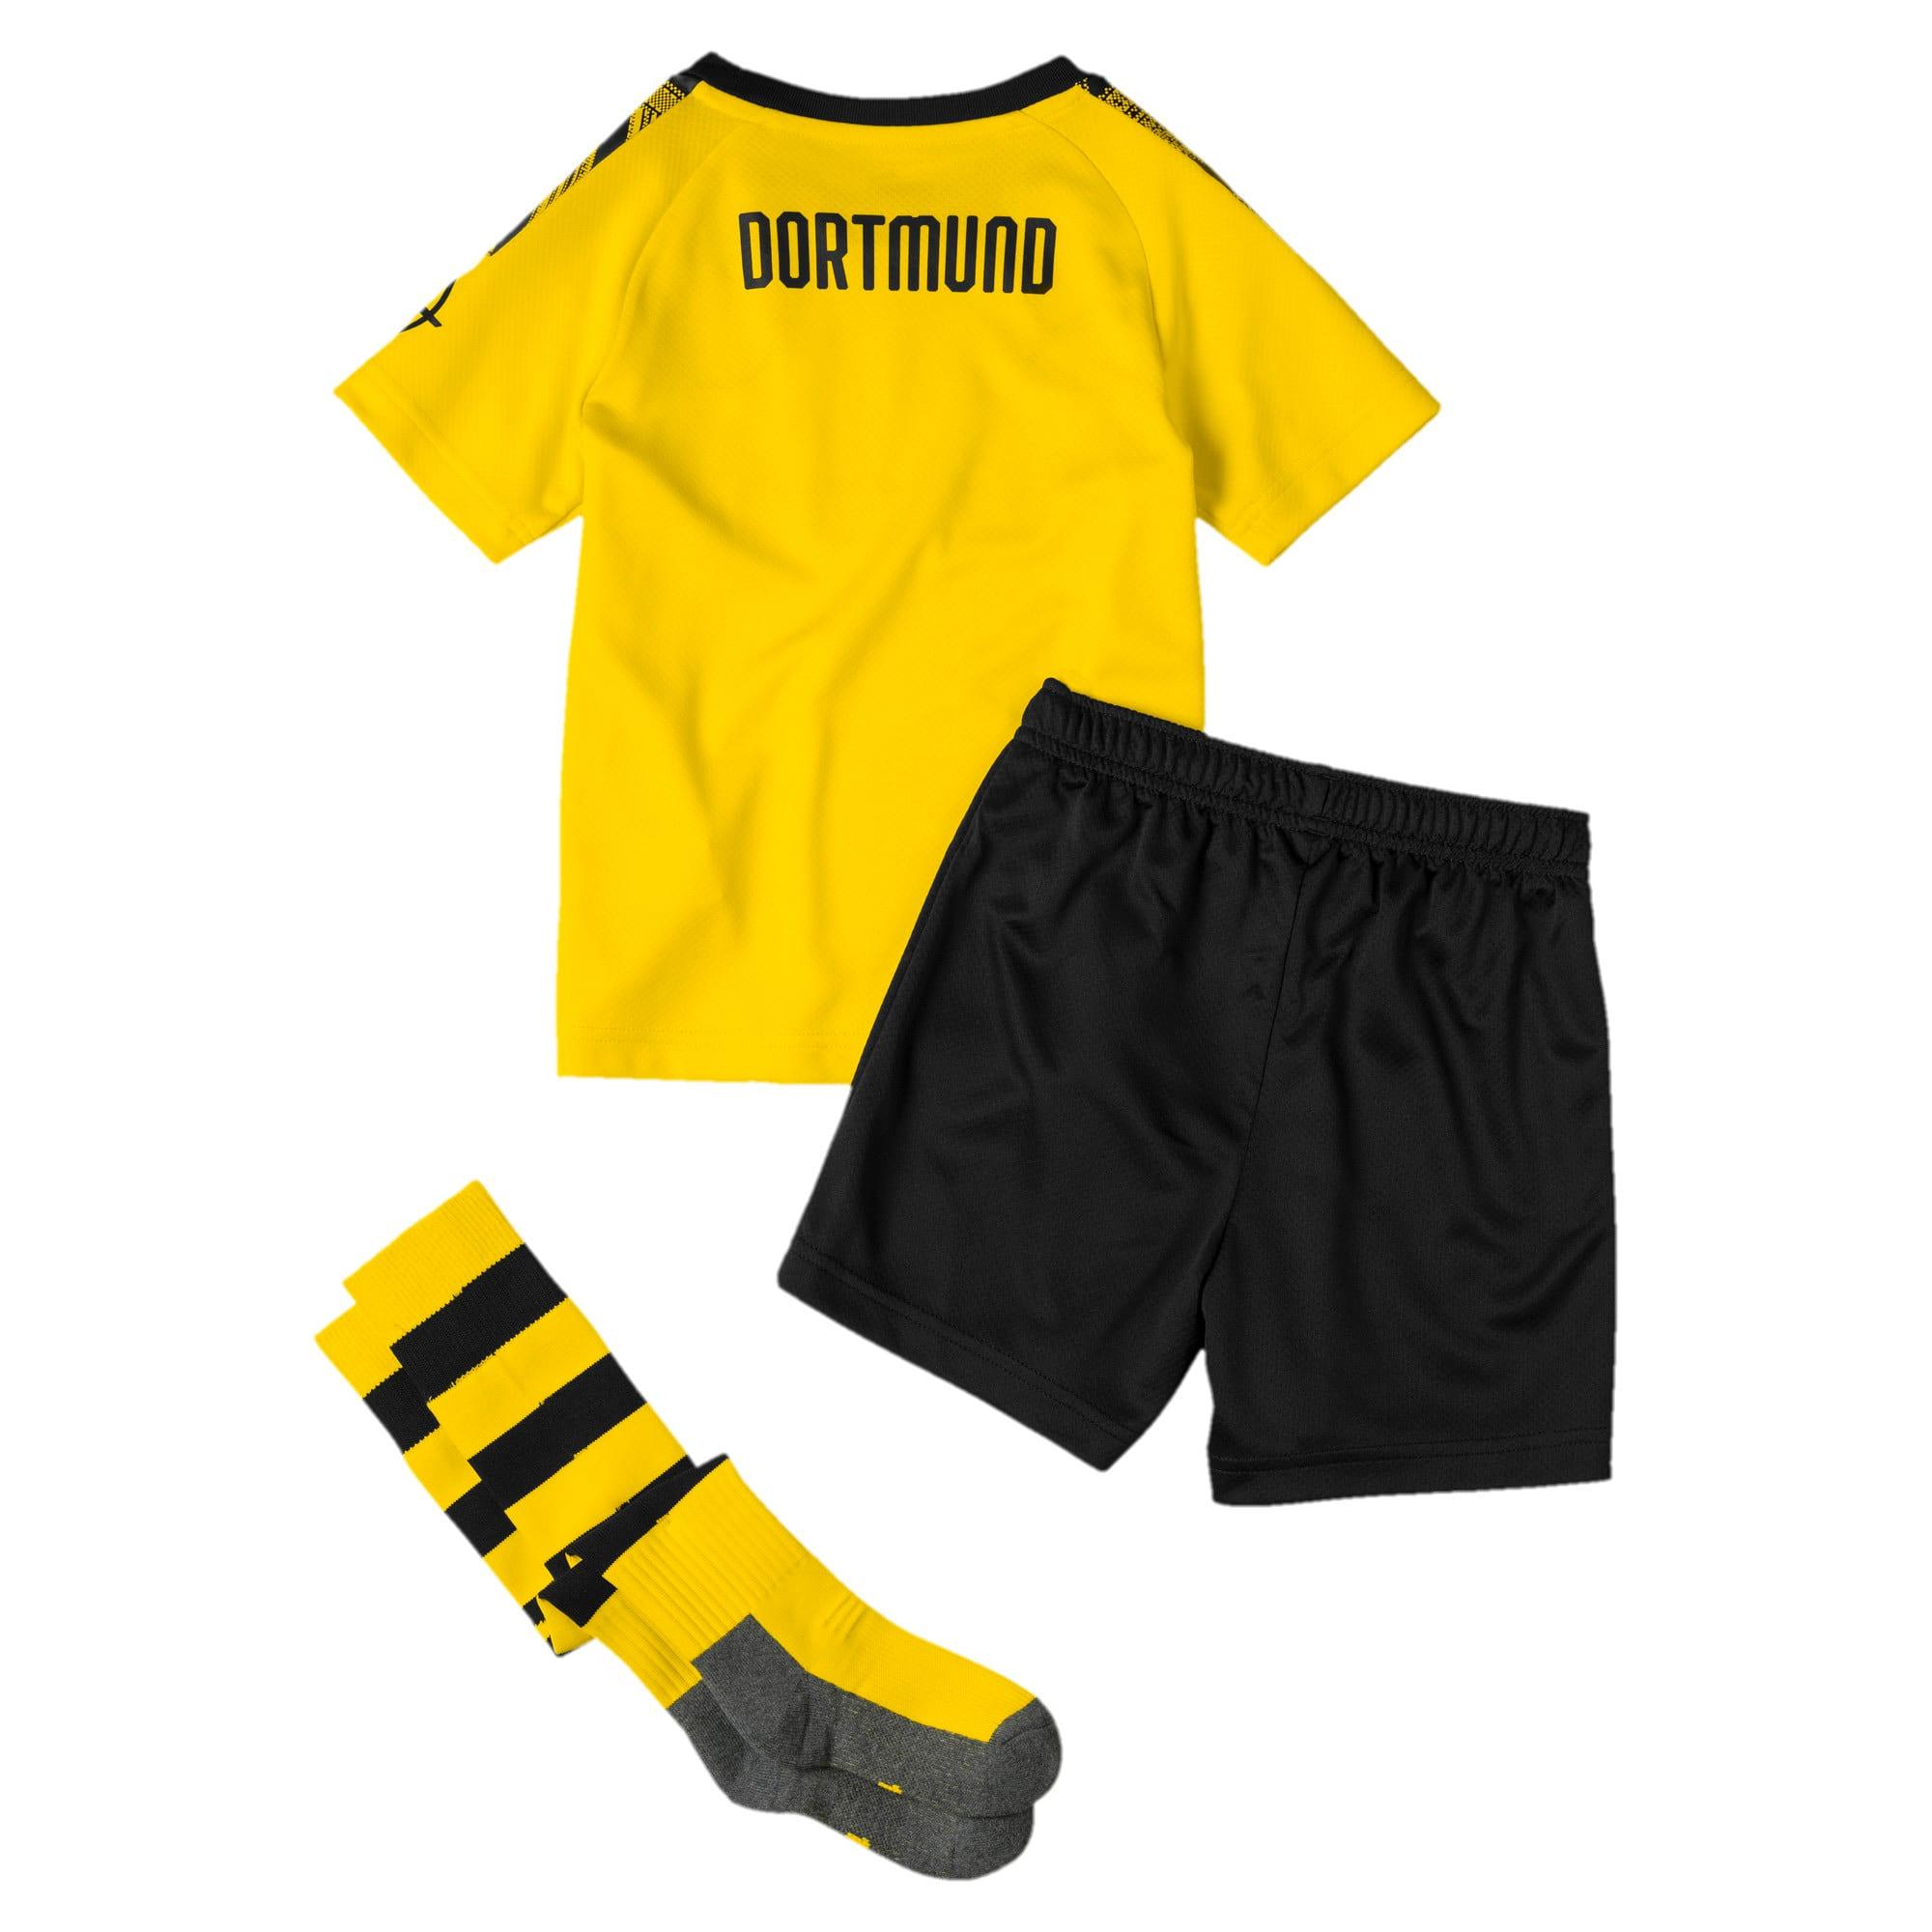 Thumbnail 2 of BVB Kinder Heim Mini Set mit Socken, Cyber Yellow-Puma Black, medium